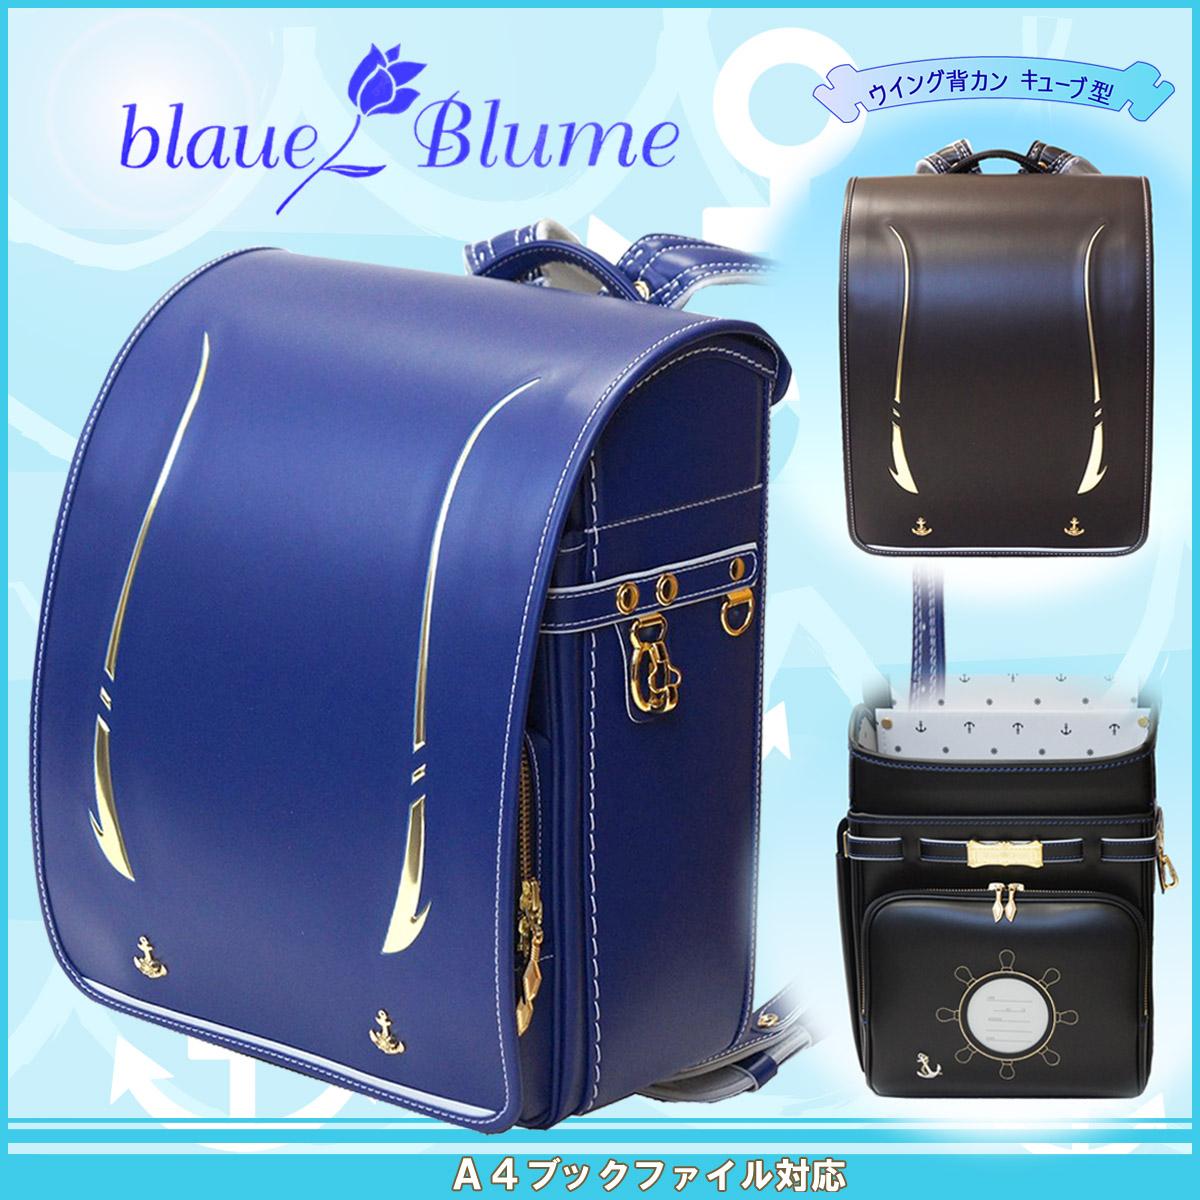 お買得セール! ランドセル 男の子 ボーイズ blaue Blume ブラウエ ブルーメ マリンシップゴールド キューブ型 ウイング背カン 百貨店モデル 人工皮革 0185-8201 MADE IN JAPAN(日本製)